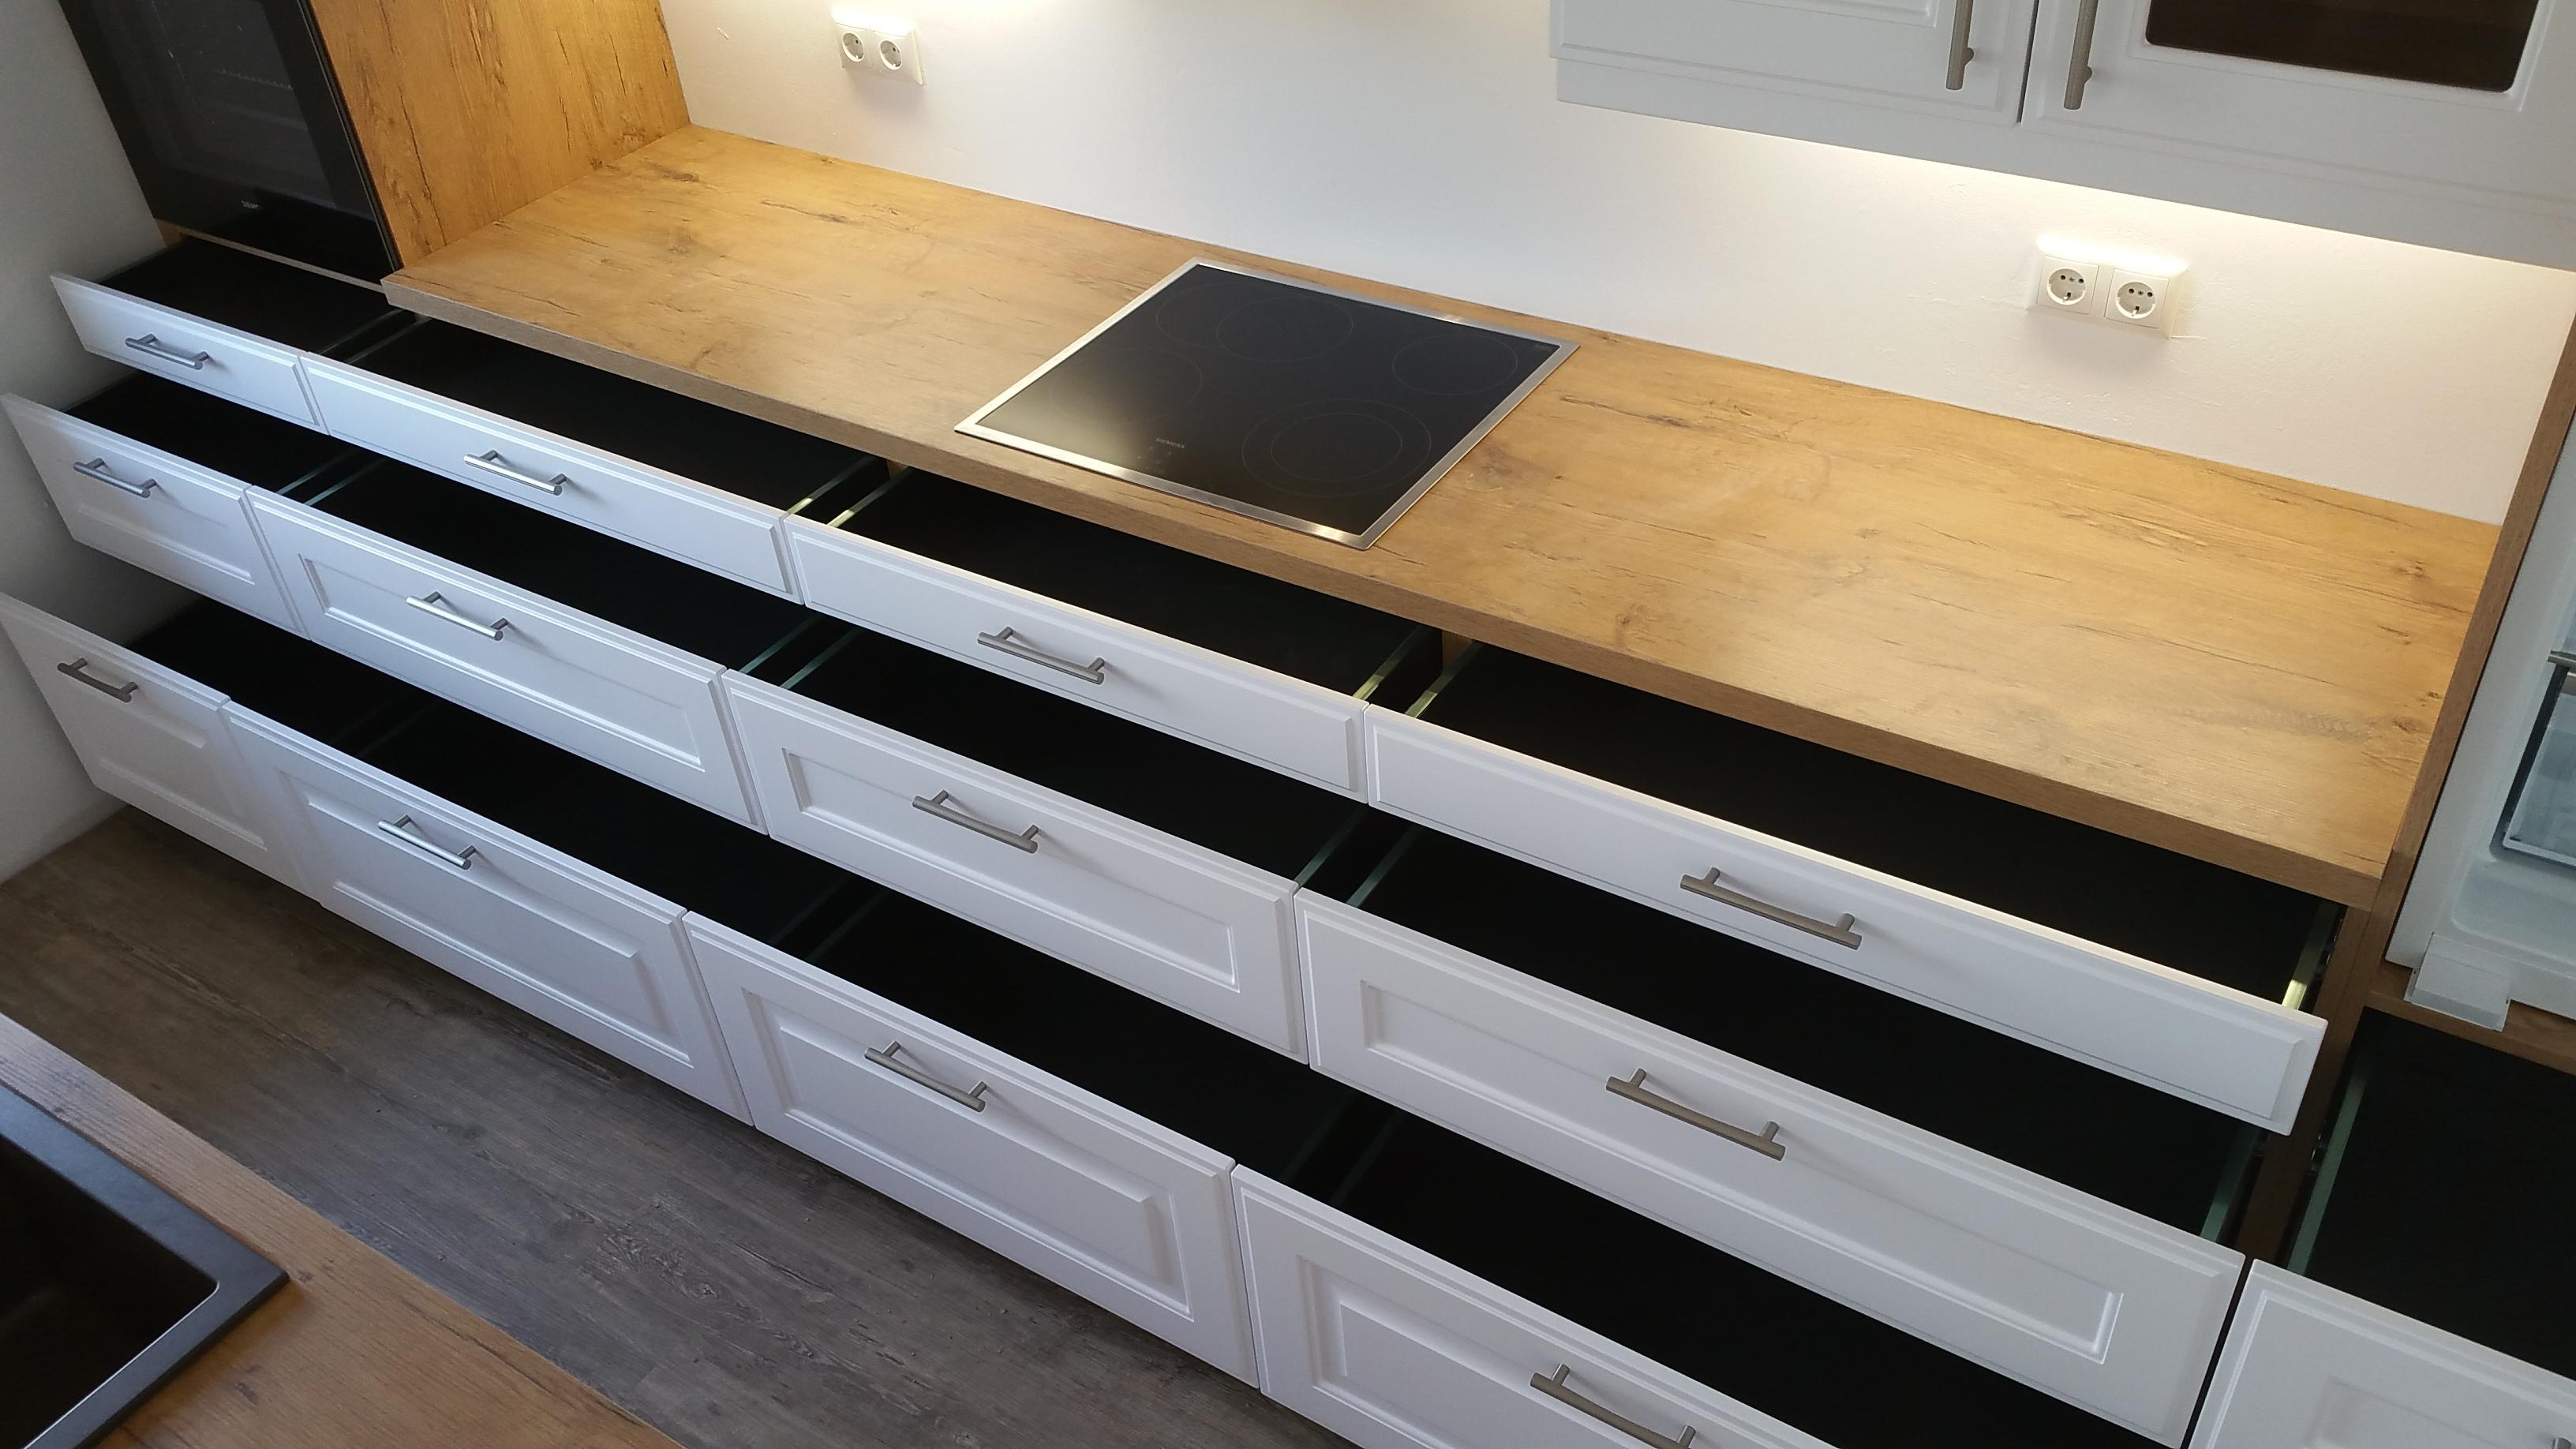 ➤ Küchen, PROMPT-Küchen M. Hinz, Küchen- u. Hausgeräte M. Hinz